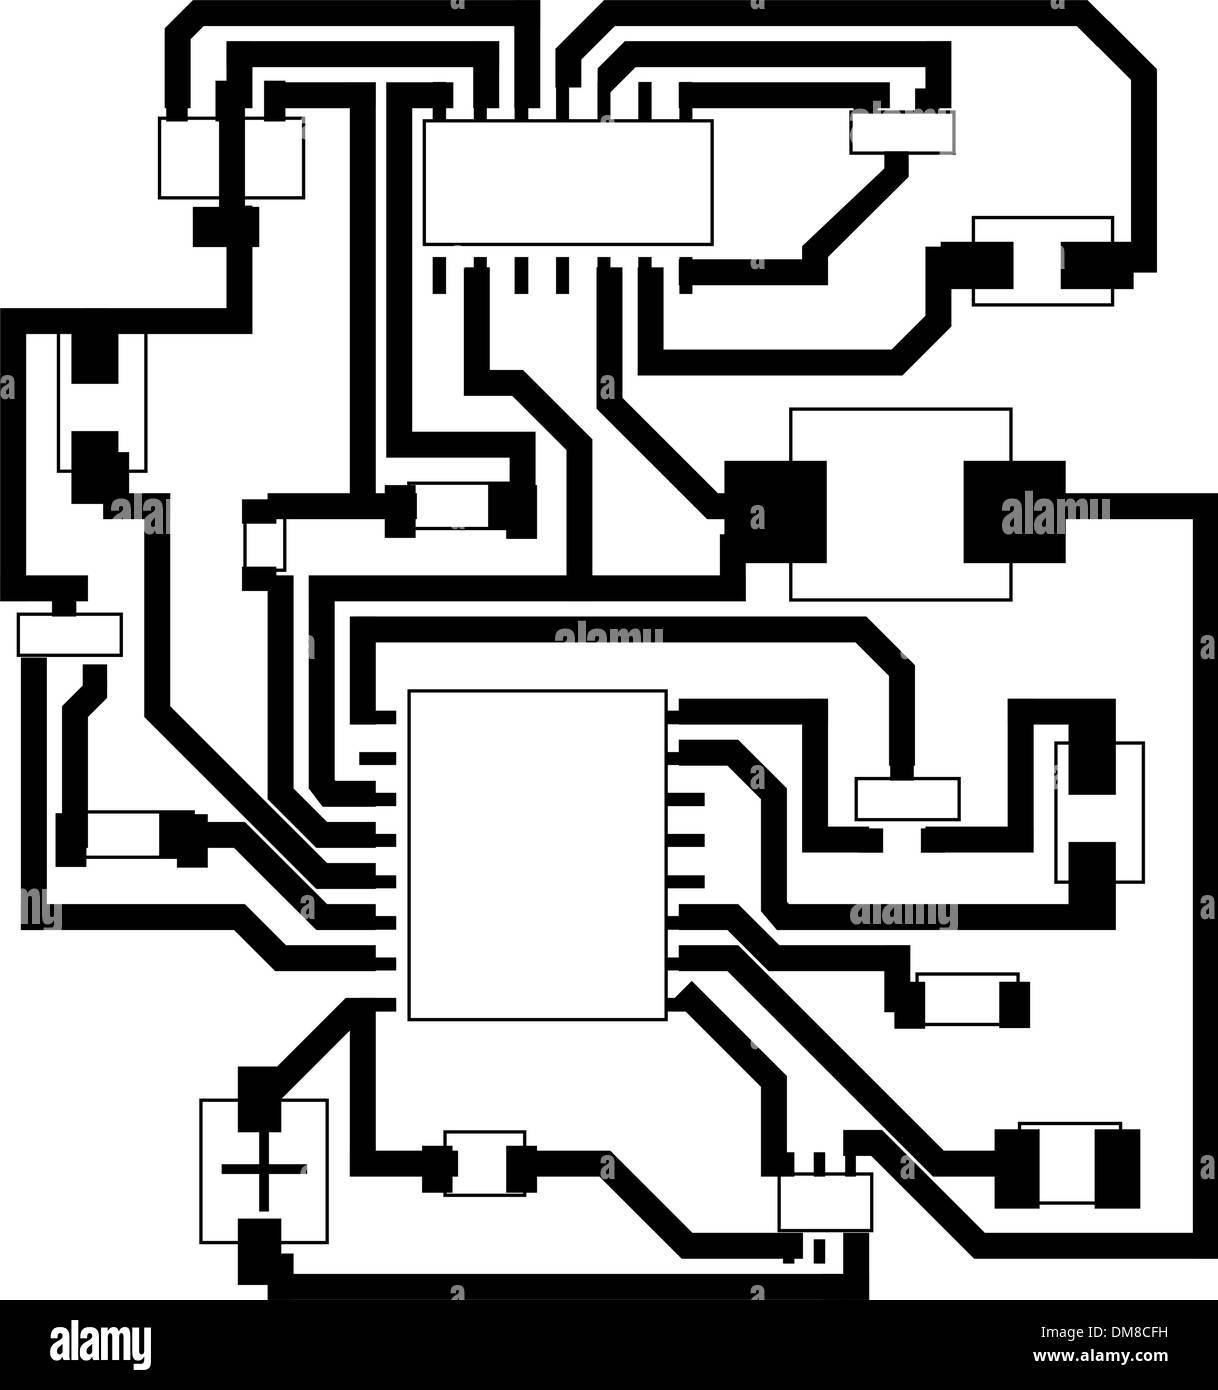 Erfreut Elektrisches Layout Beispiel Fotos - Schaltplan Serie ...